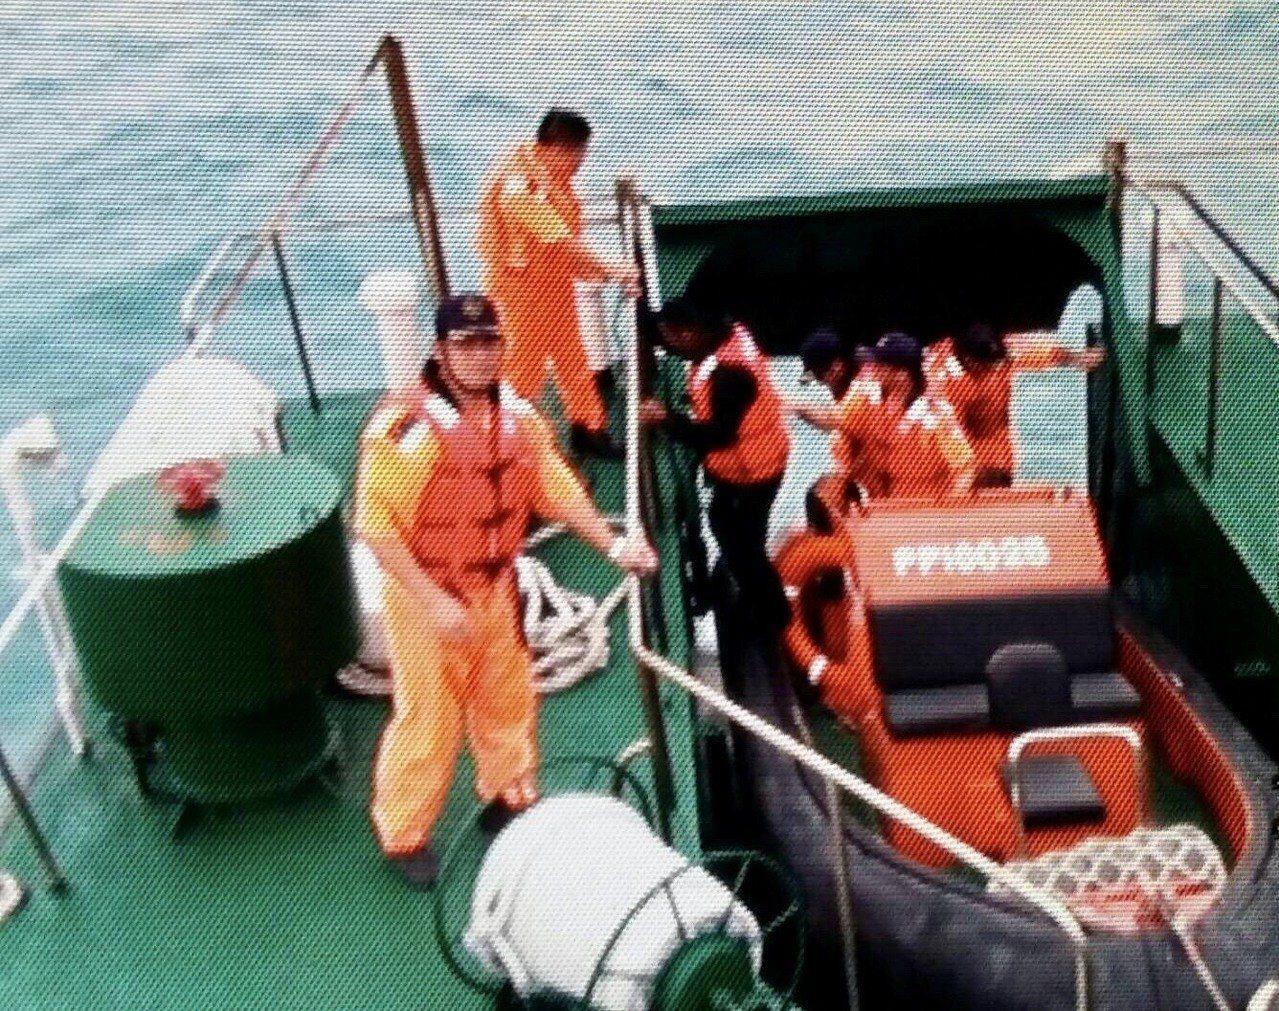 台南安平沿海今天風浪大,何姓船長管筏翻覆,由台南海巡隊人員救上巡防艇。記者黃宣翰...